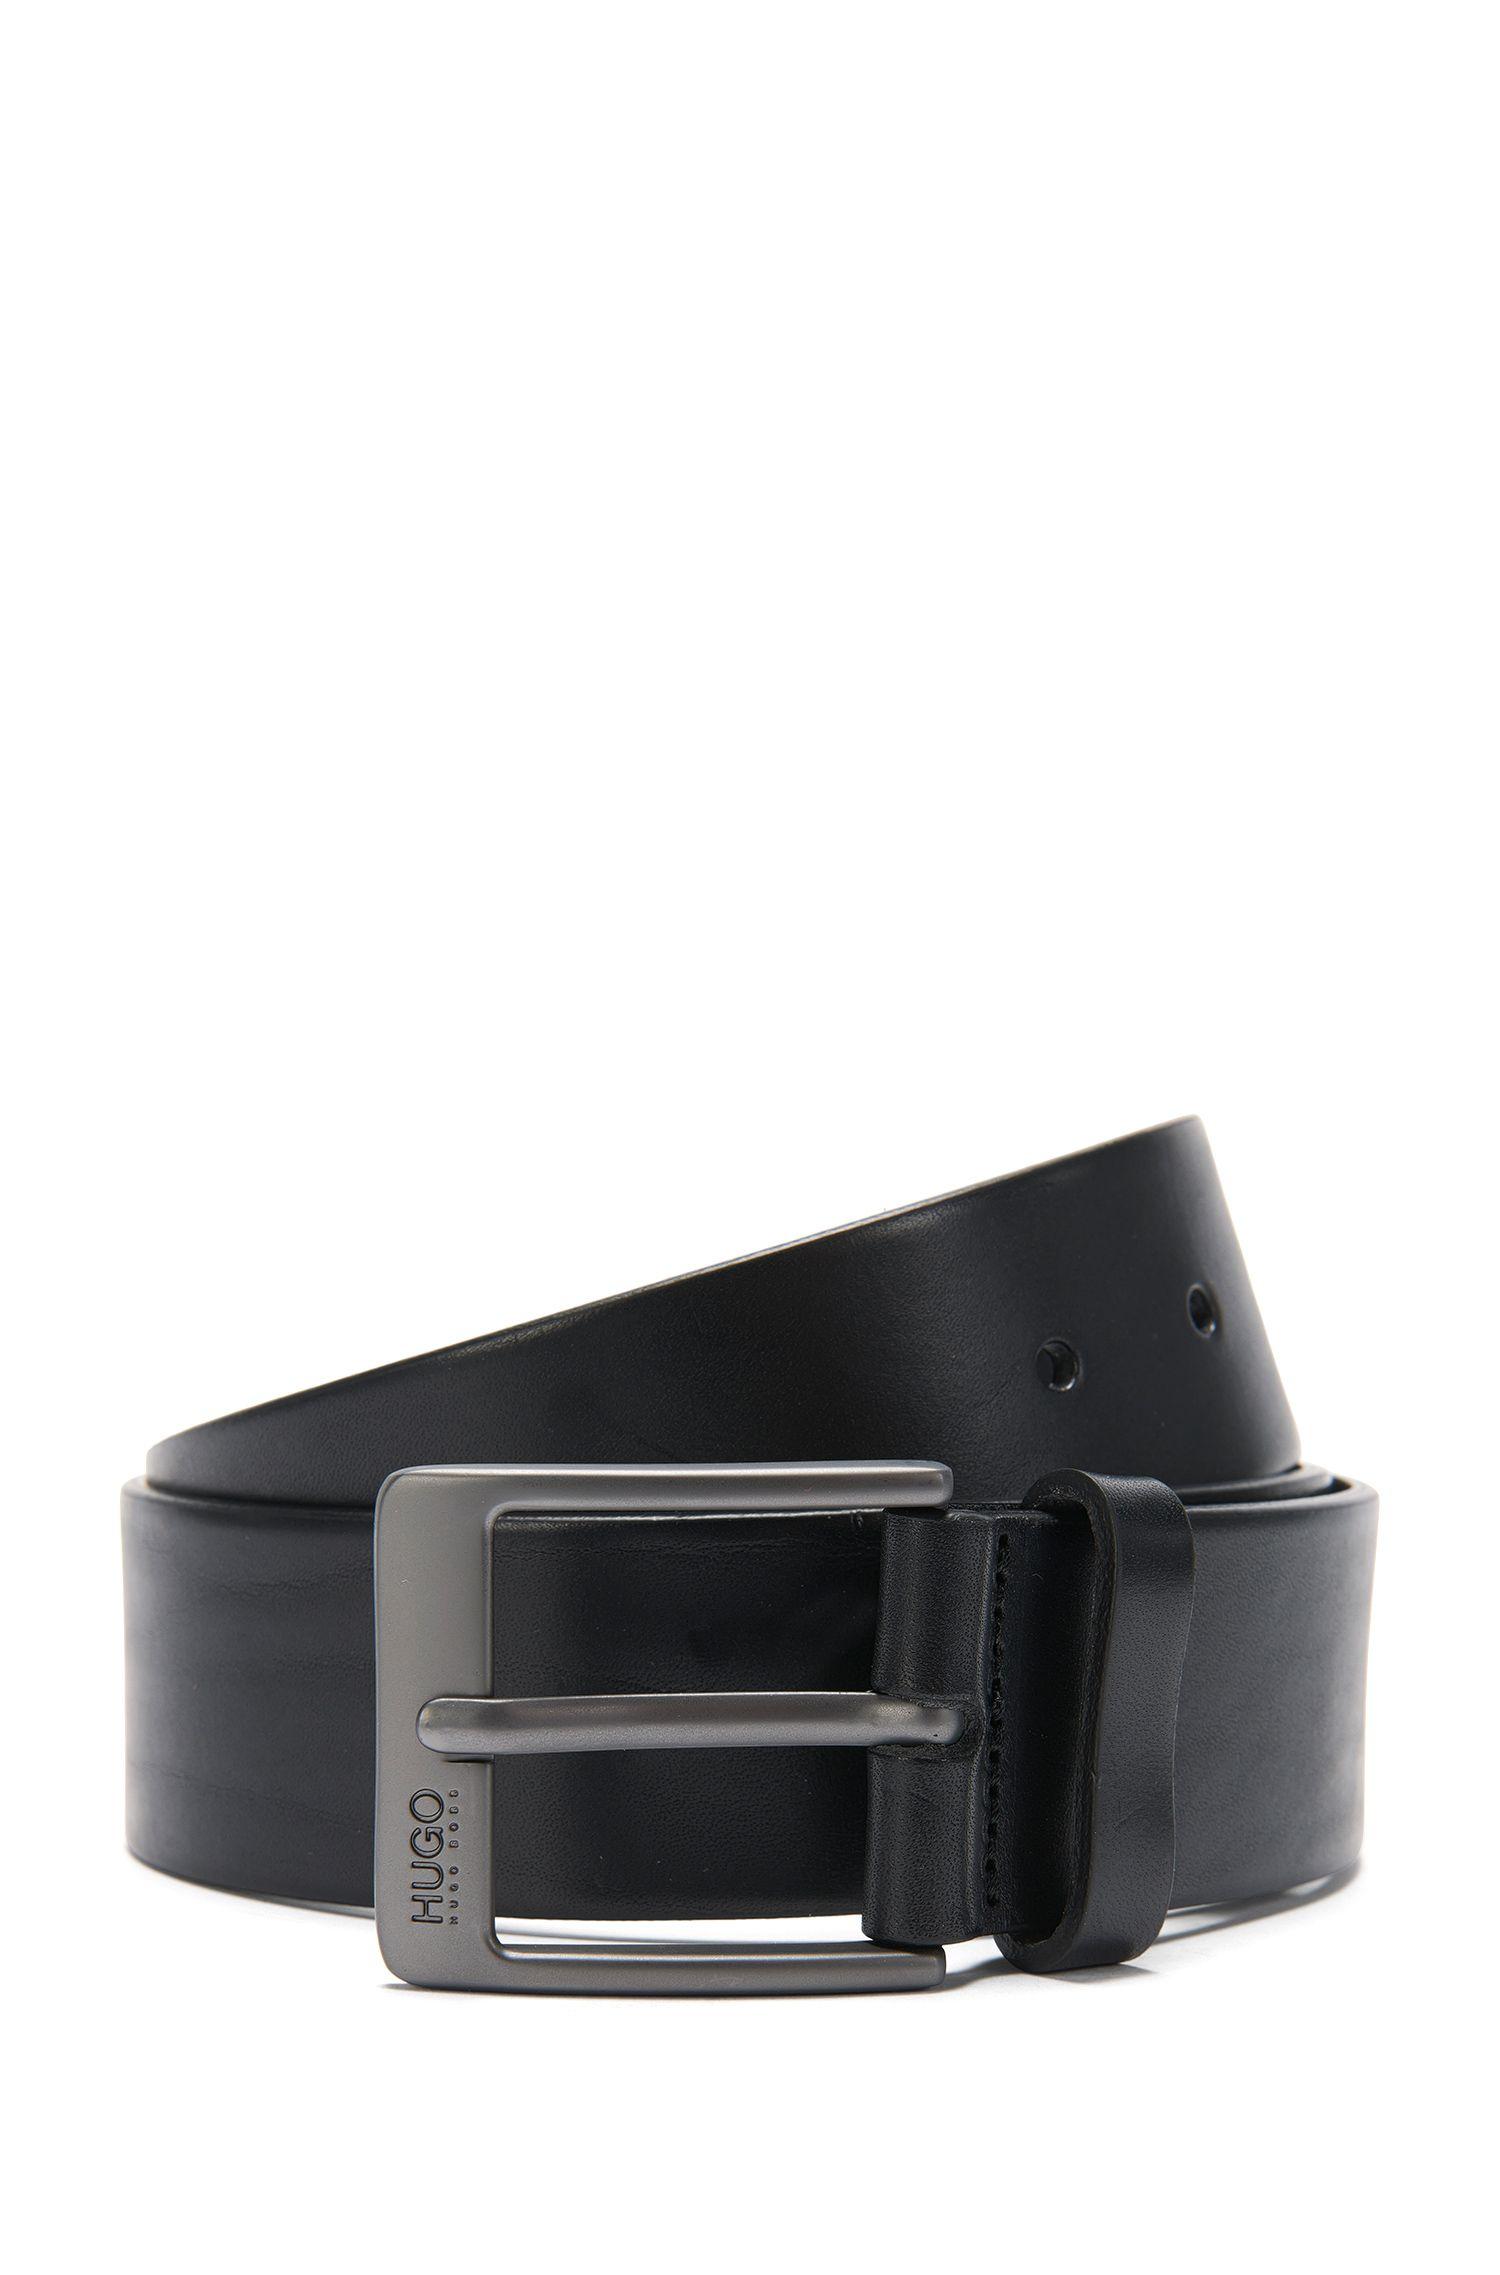 Cinturón de piel con hebilla mate de metal pesado